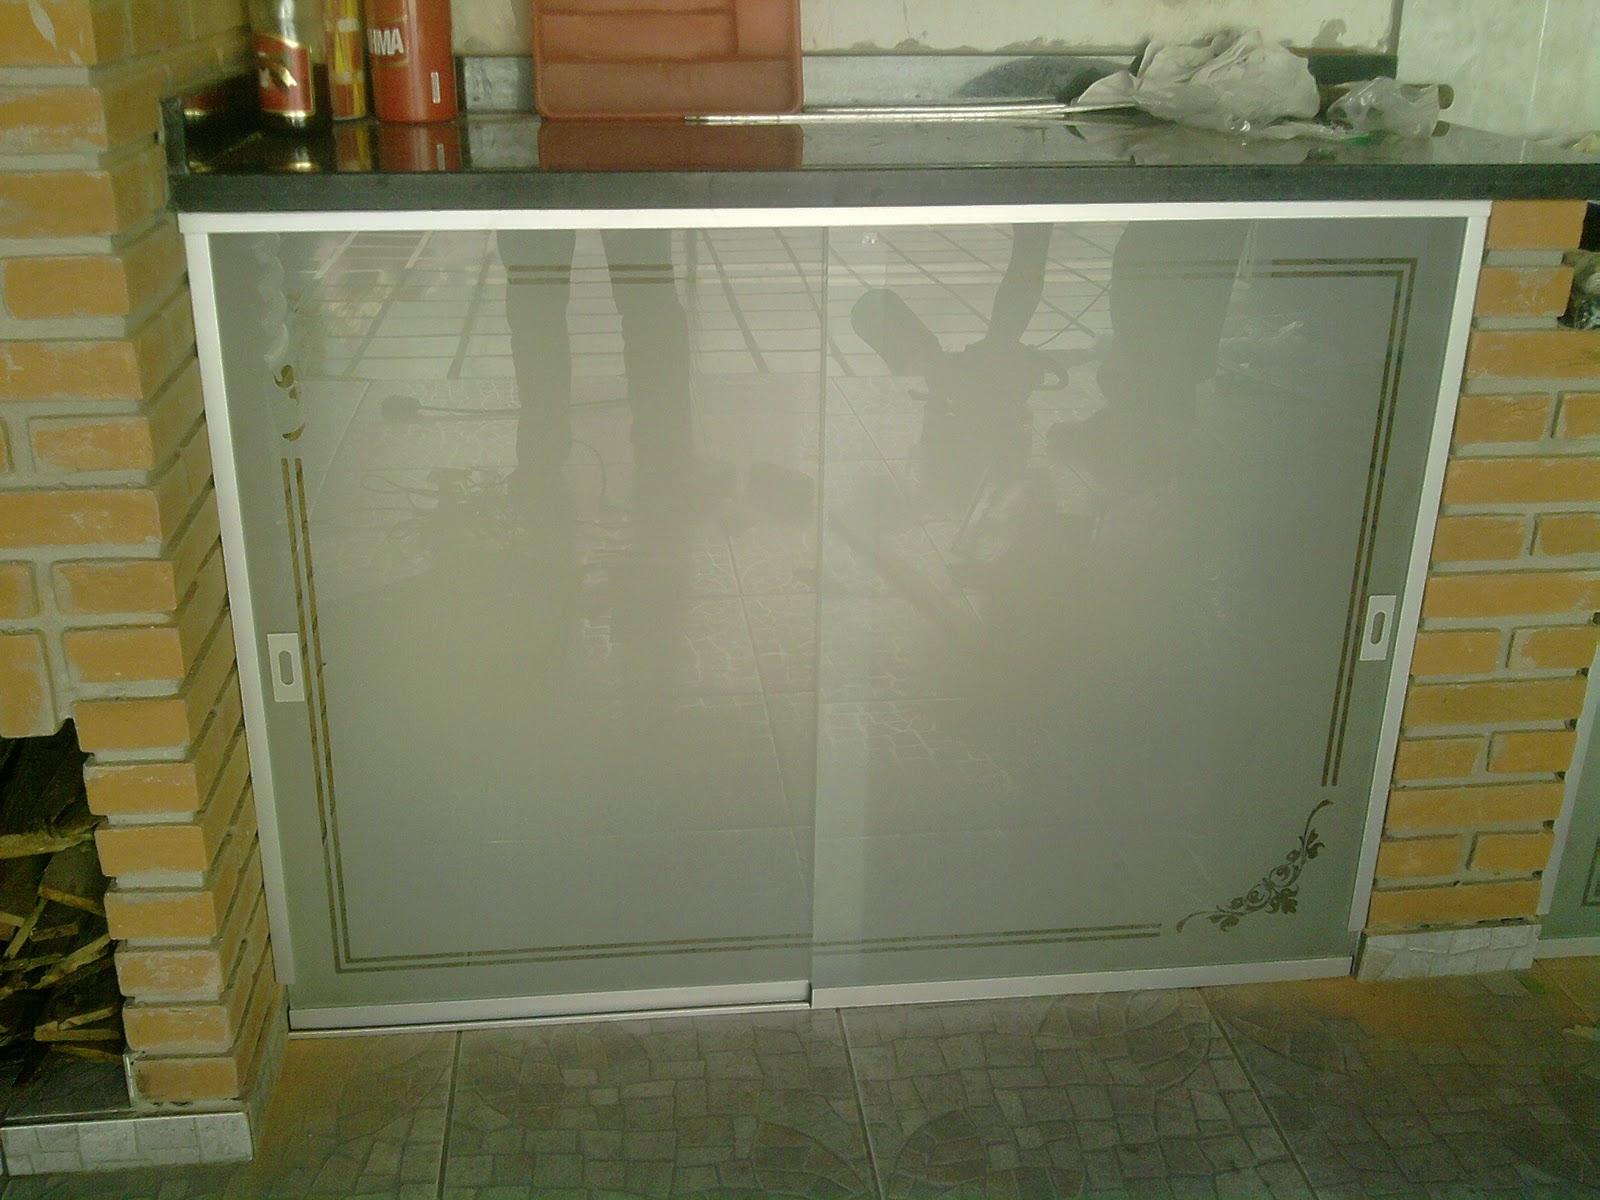 Galeria de Produtos da Vidraçaria Vidraçaria Rocha RJ #674823 1600x1200 Banheiro Container Rj